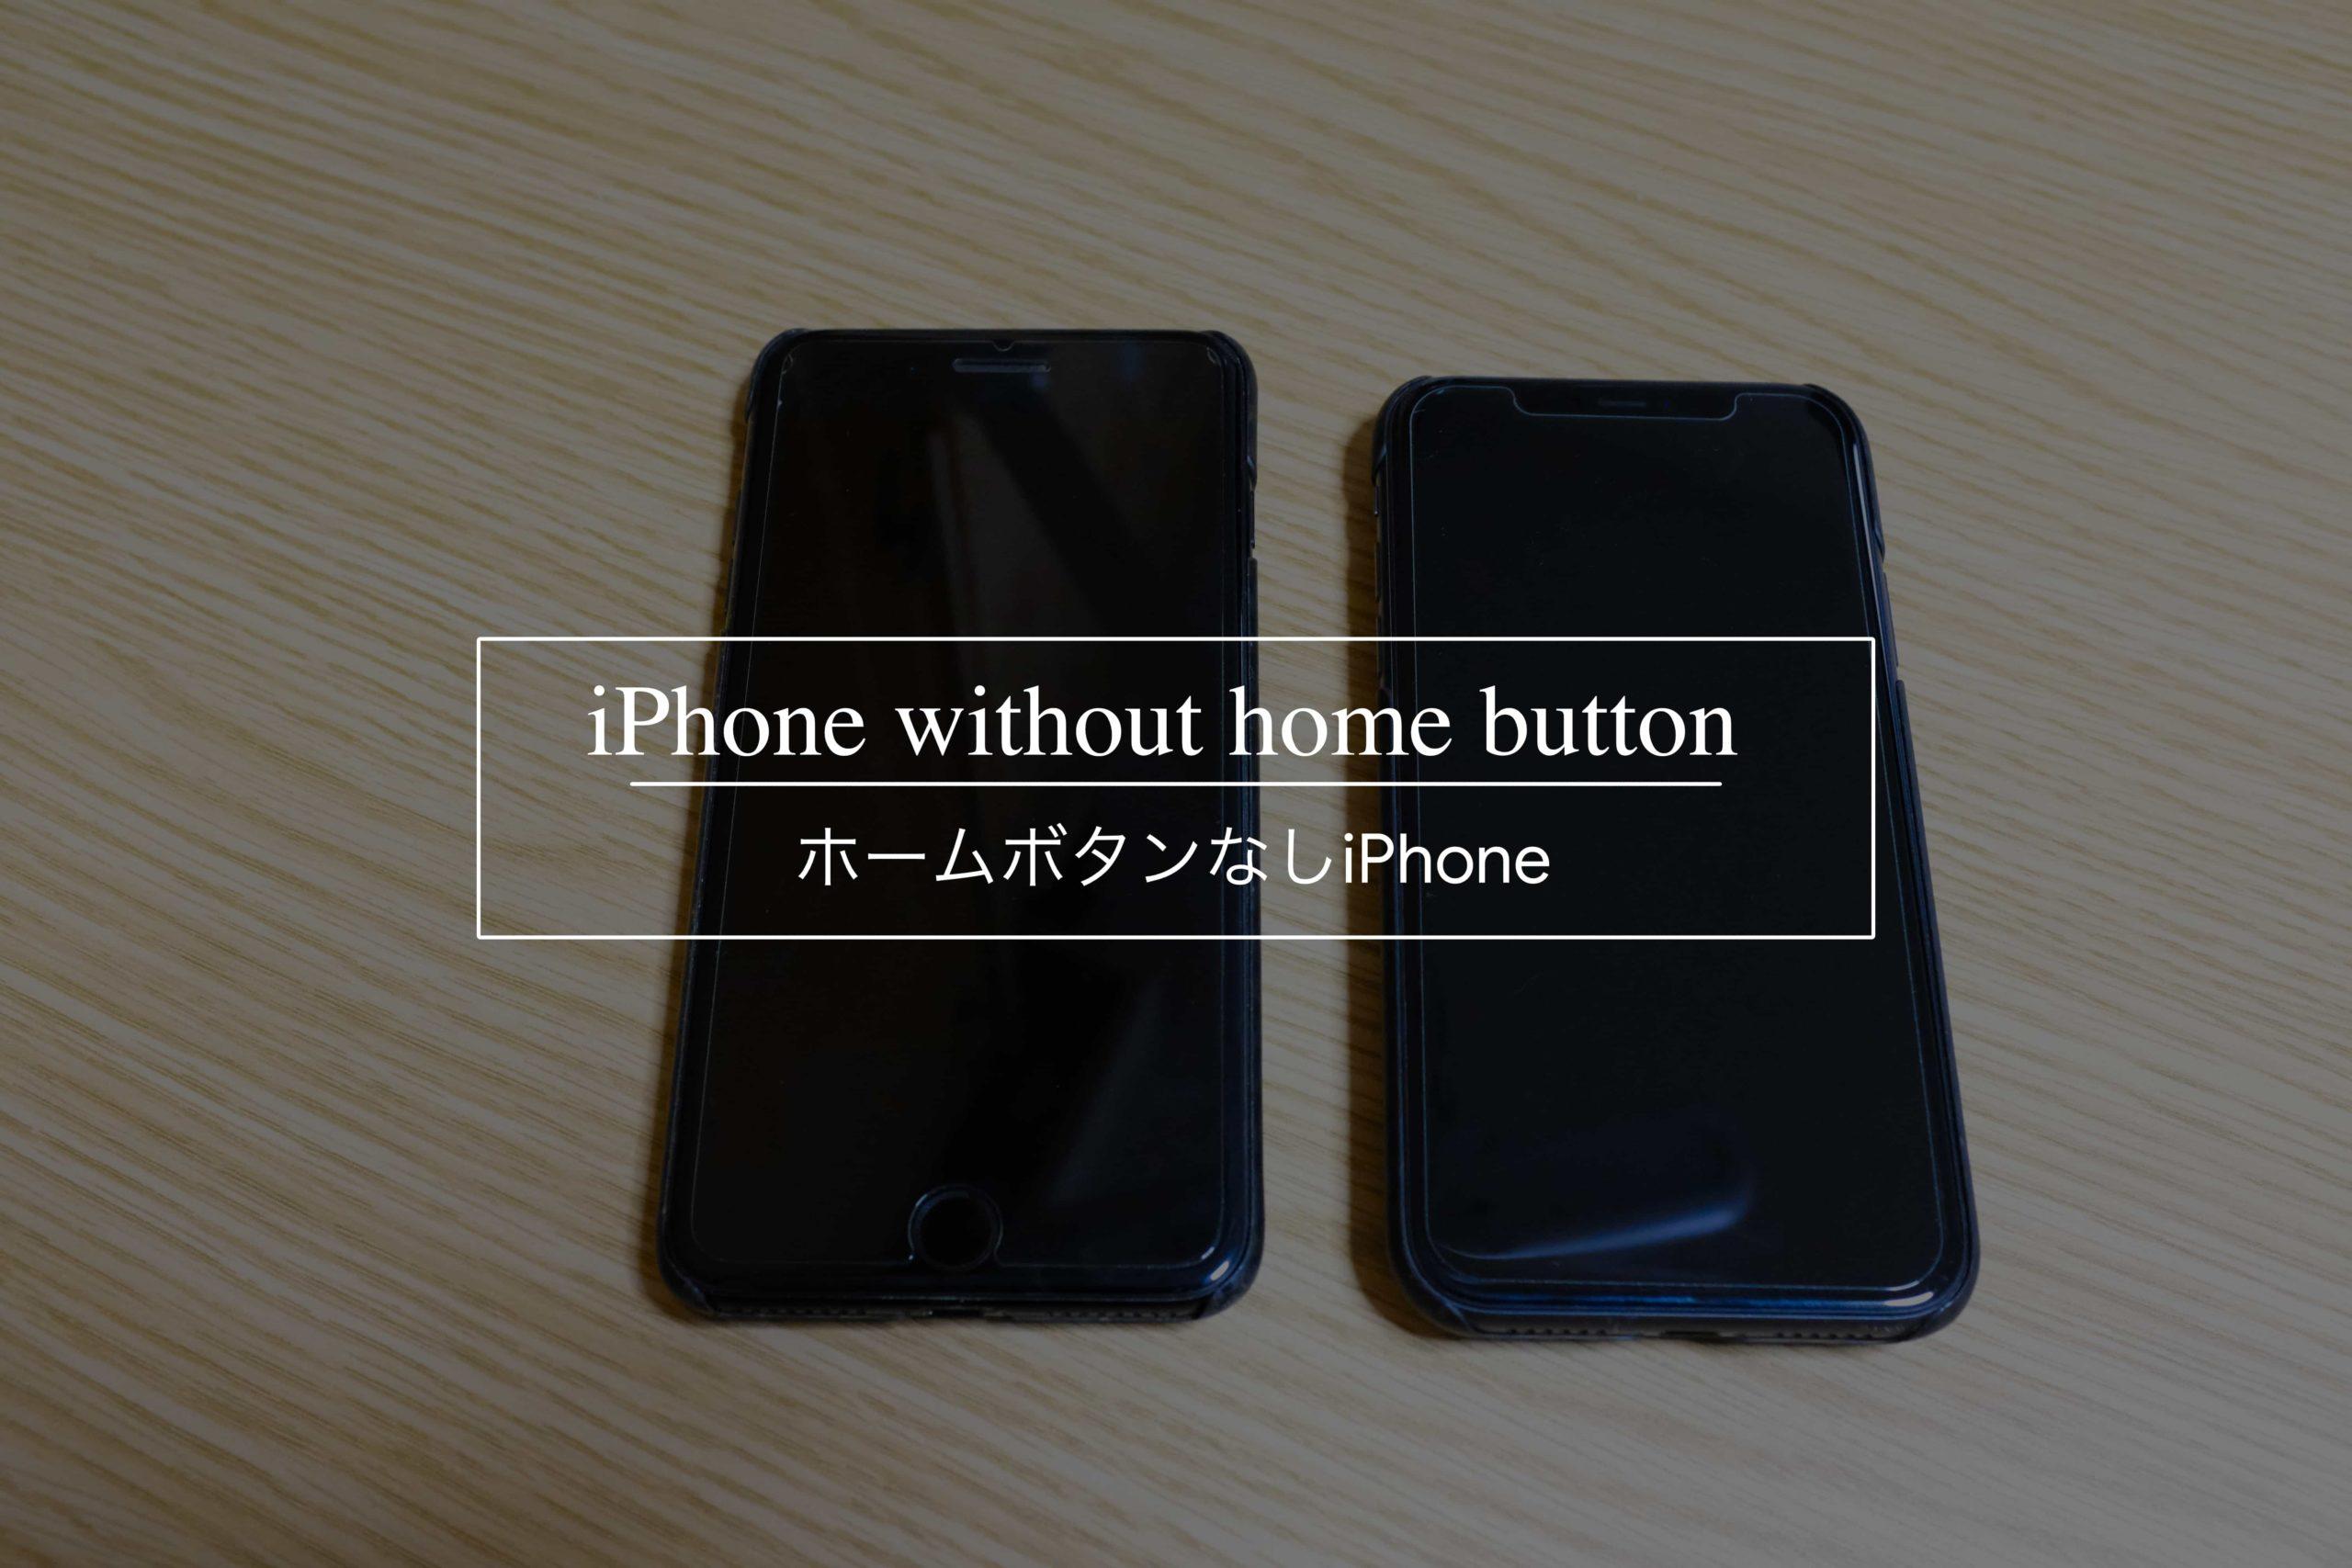 ホームボタンなしiPhoneのちょっとした不満点